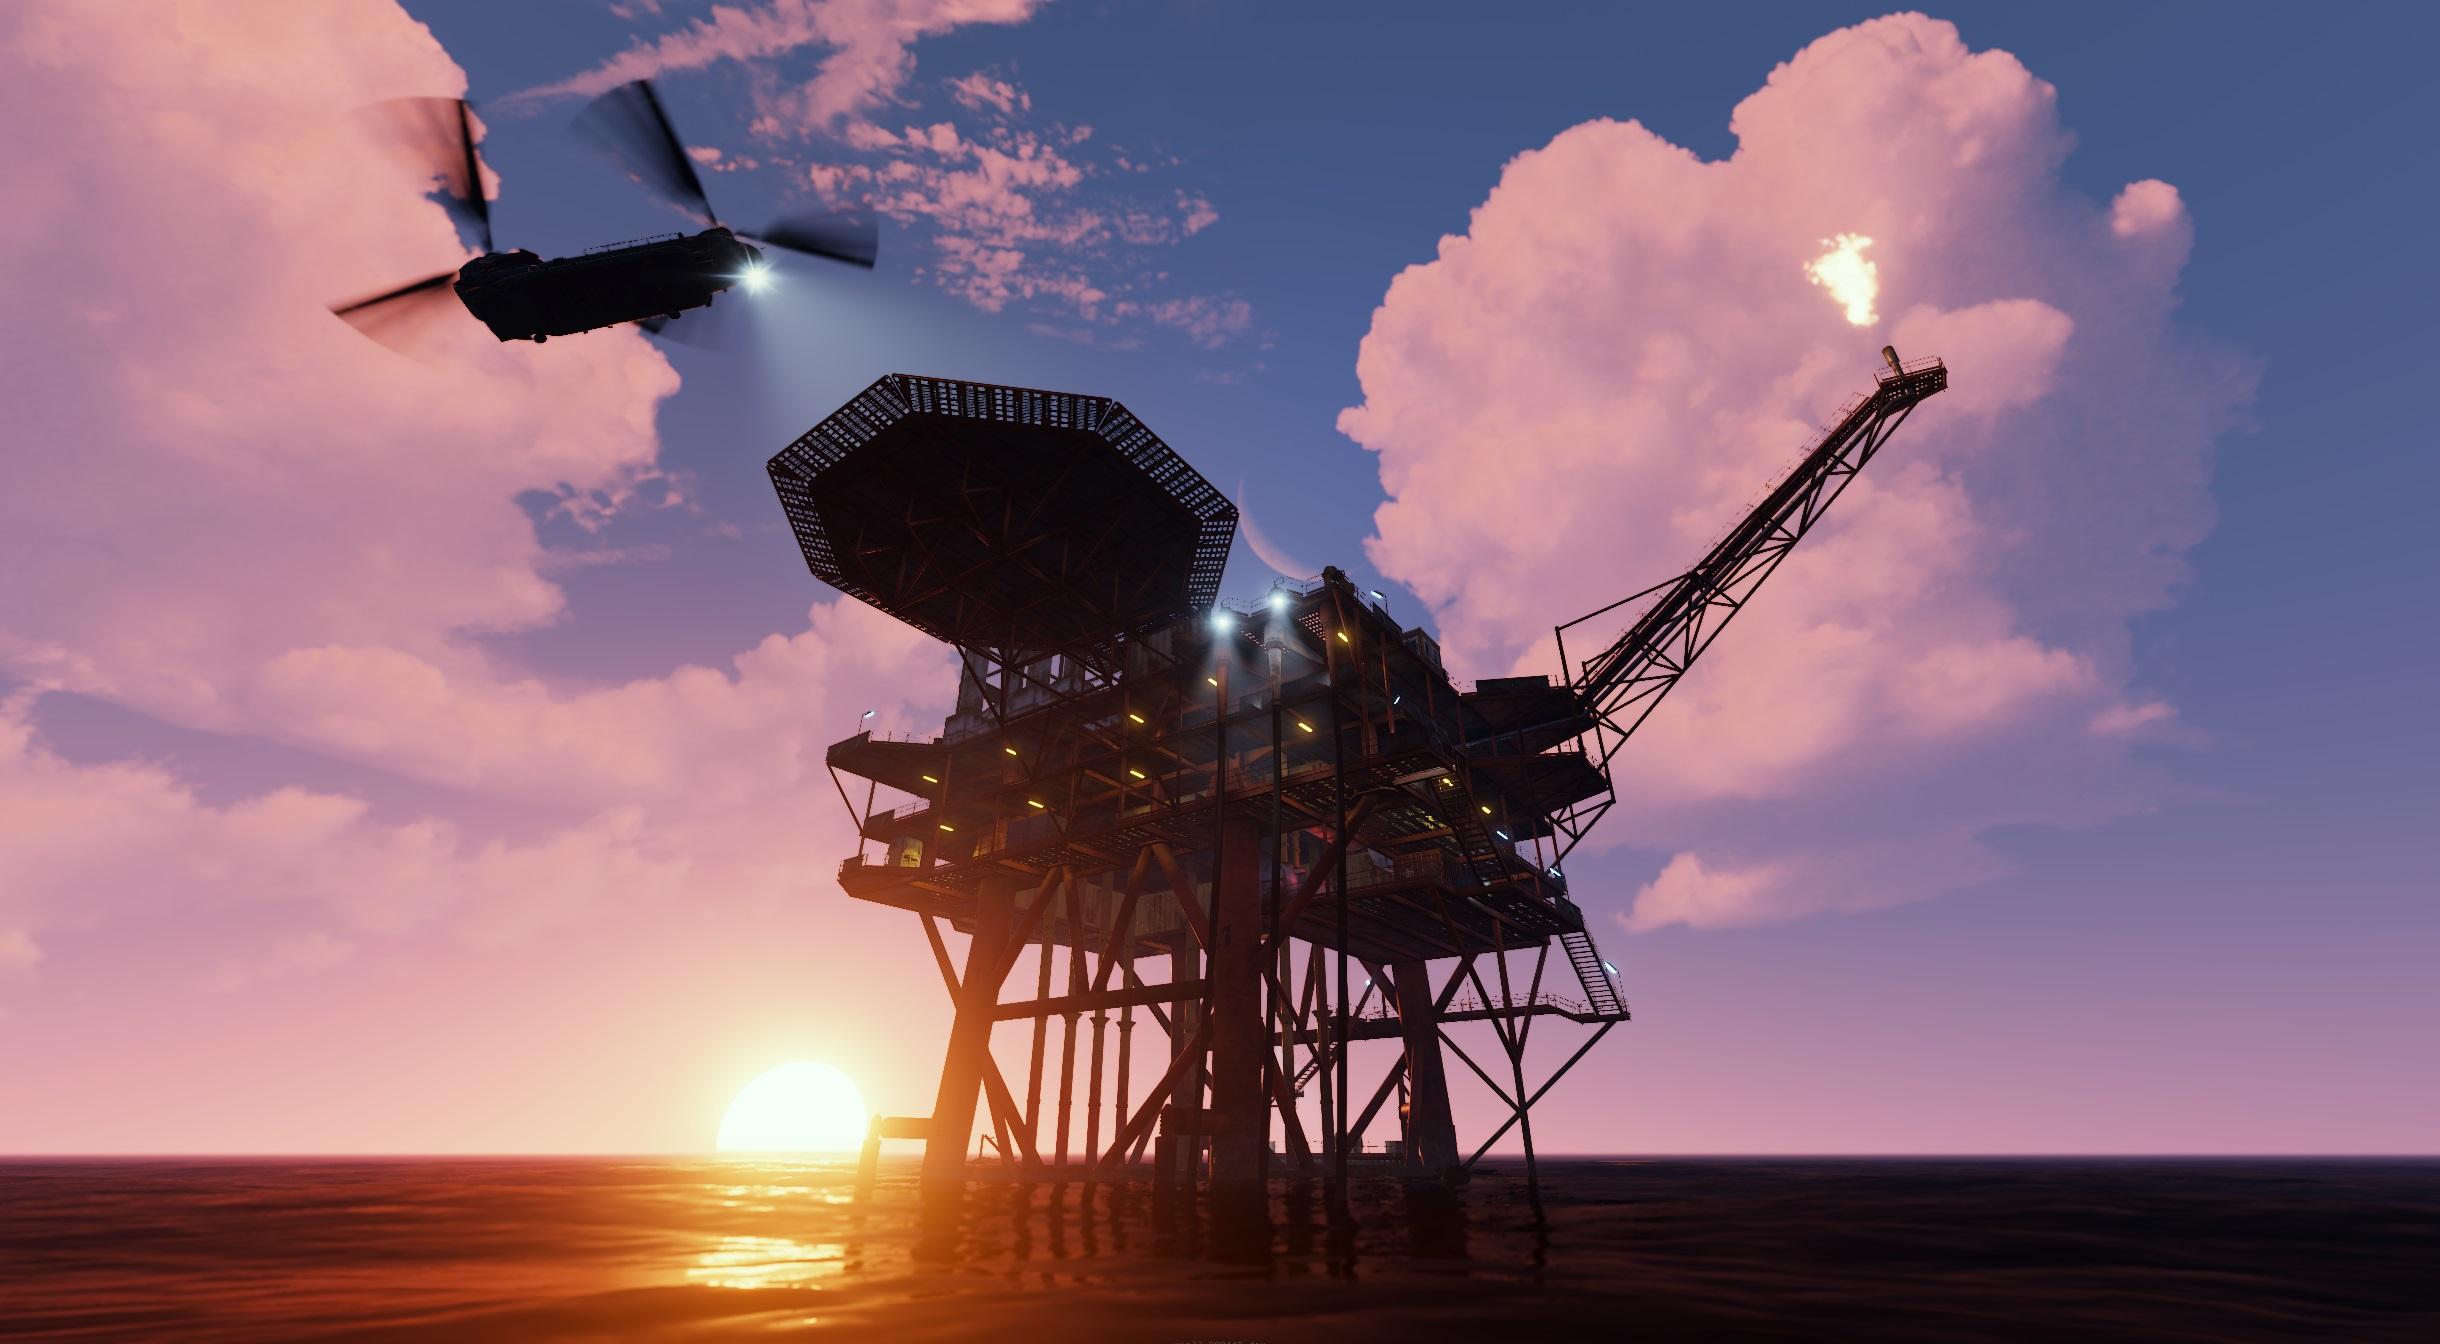 The_Oil_Rig_Update_0.jpg